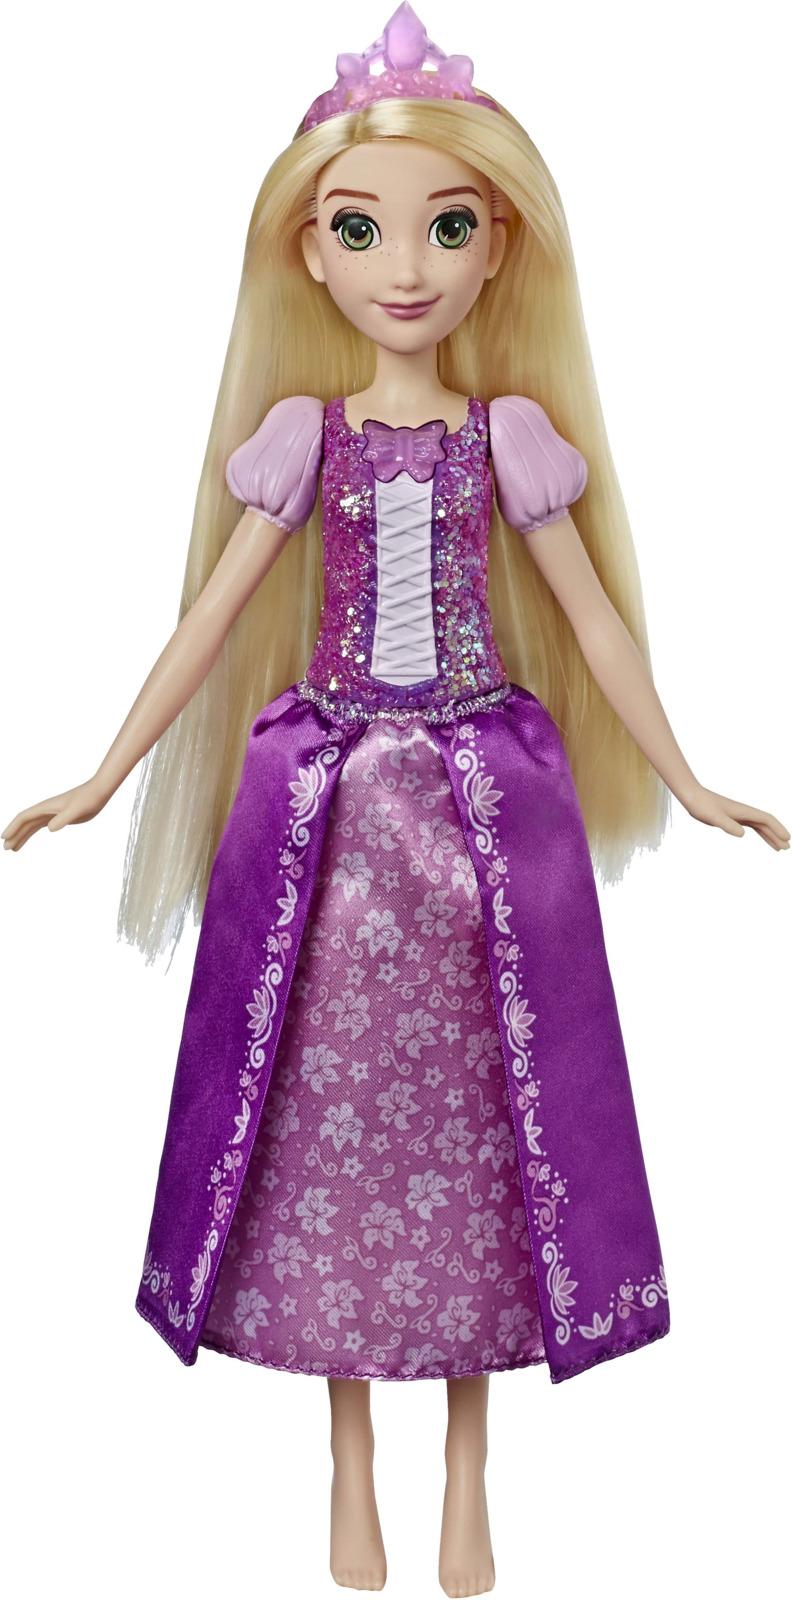 цены на Кукла Disney Princess Classic Fashion Doll Asst, E3046EU4  в интернет-магазинах